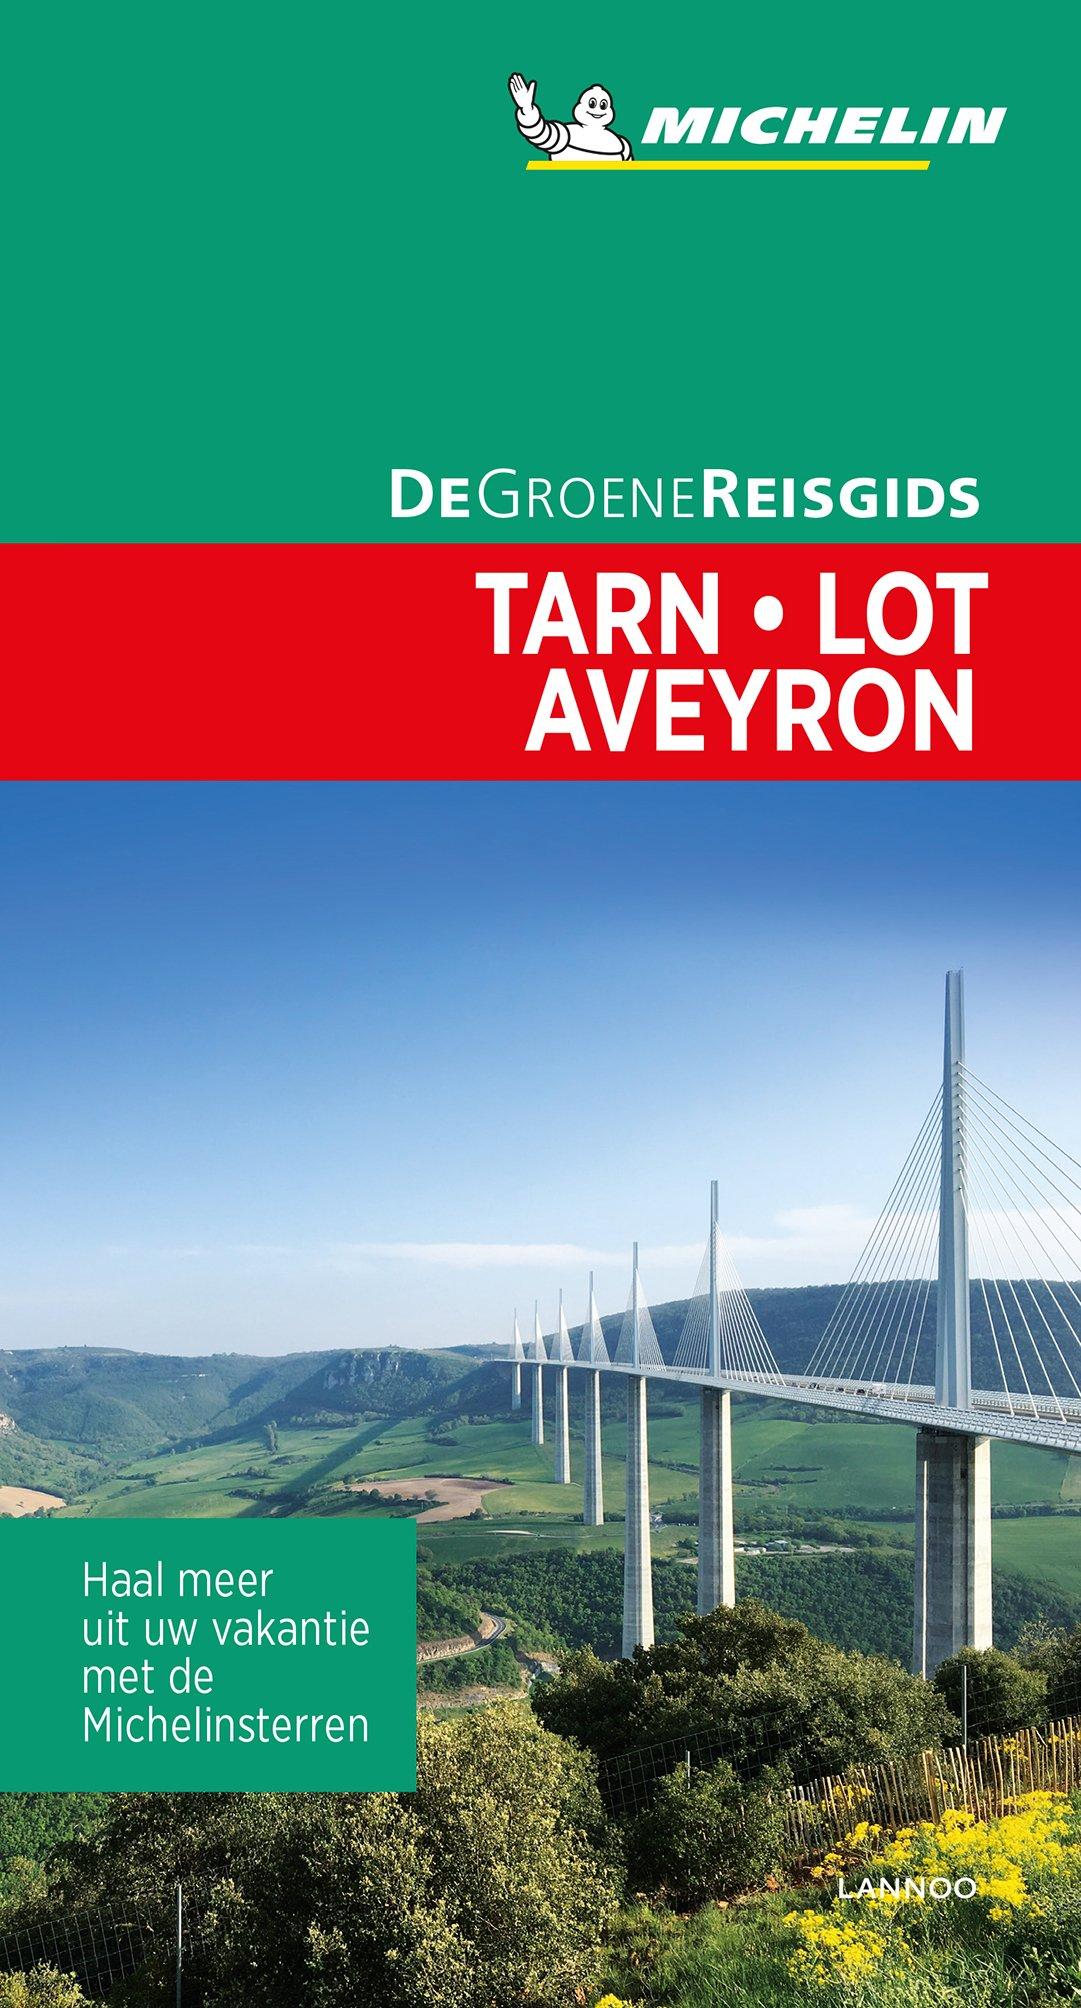 Tarn, Lot, Aveyron | Michelin reisgids 9789401457156  Michelin Michelin Groene gidsen  Reisgidsen Cevennen, Lozère, Gard en Aveyron, Dordogne, Lot, Tarn